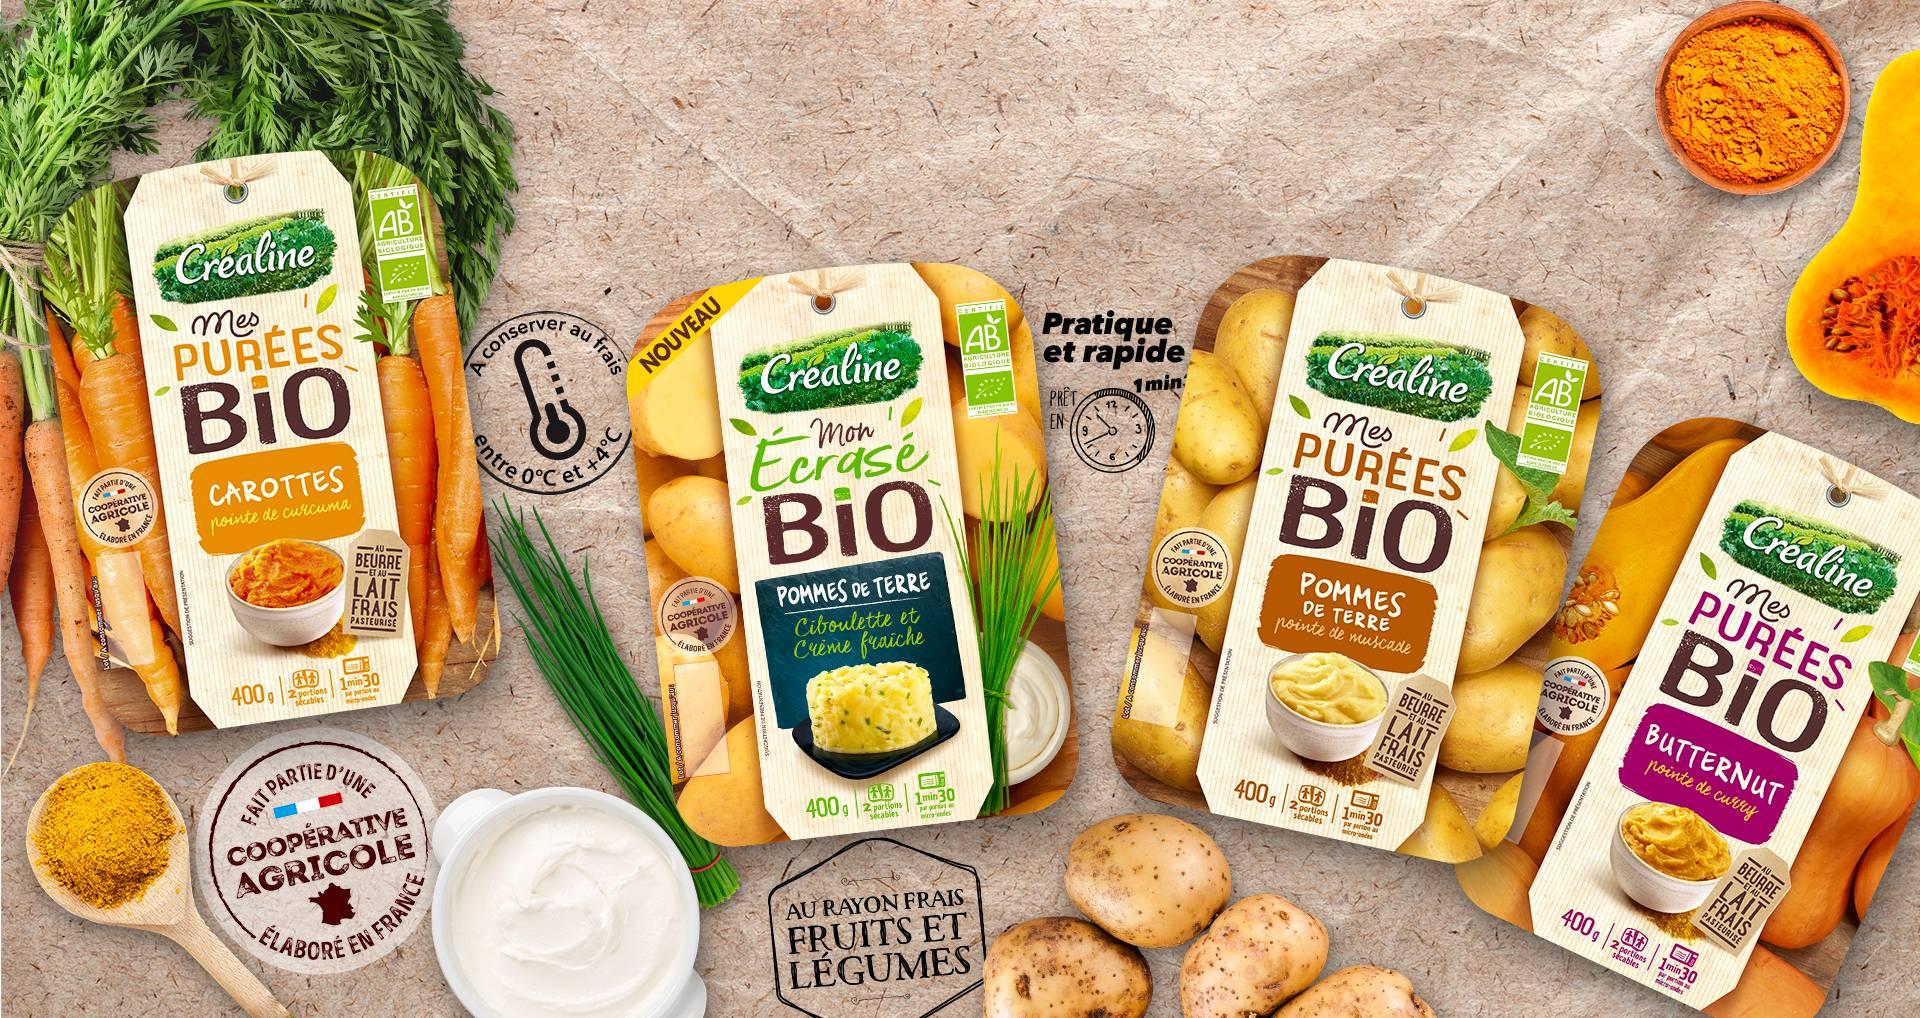 Découvrez les purées bio et l'écrasé de pommes de terre bio par Créaline